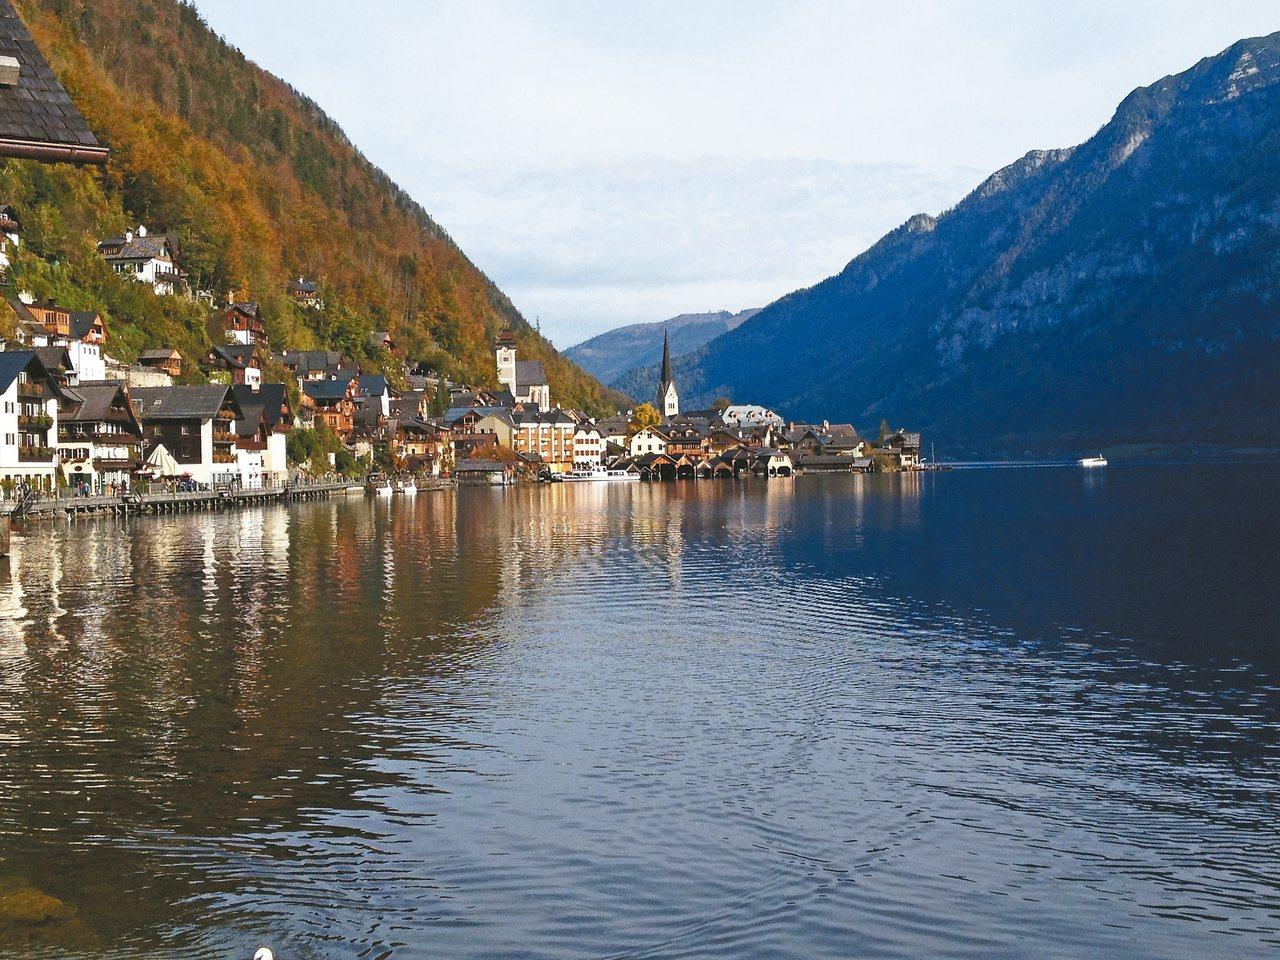 世界文化遺產哈修塔特,是位於奧地利中部鹽湖區的小鎮,屹立在湖畔的尖塔教堂是小鎮的...